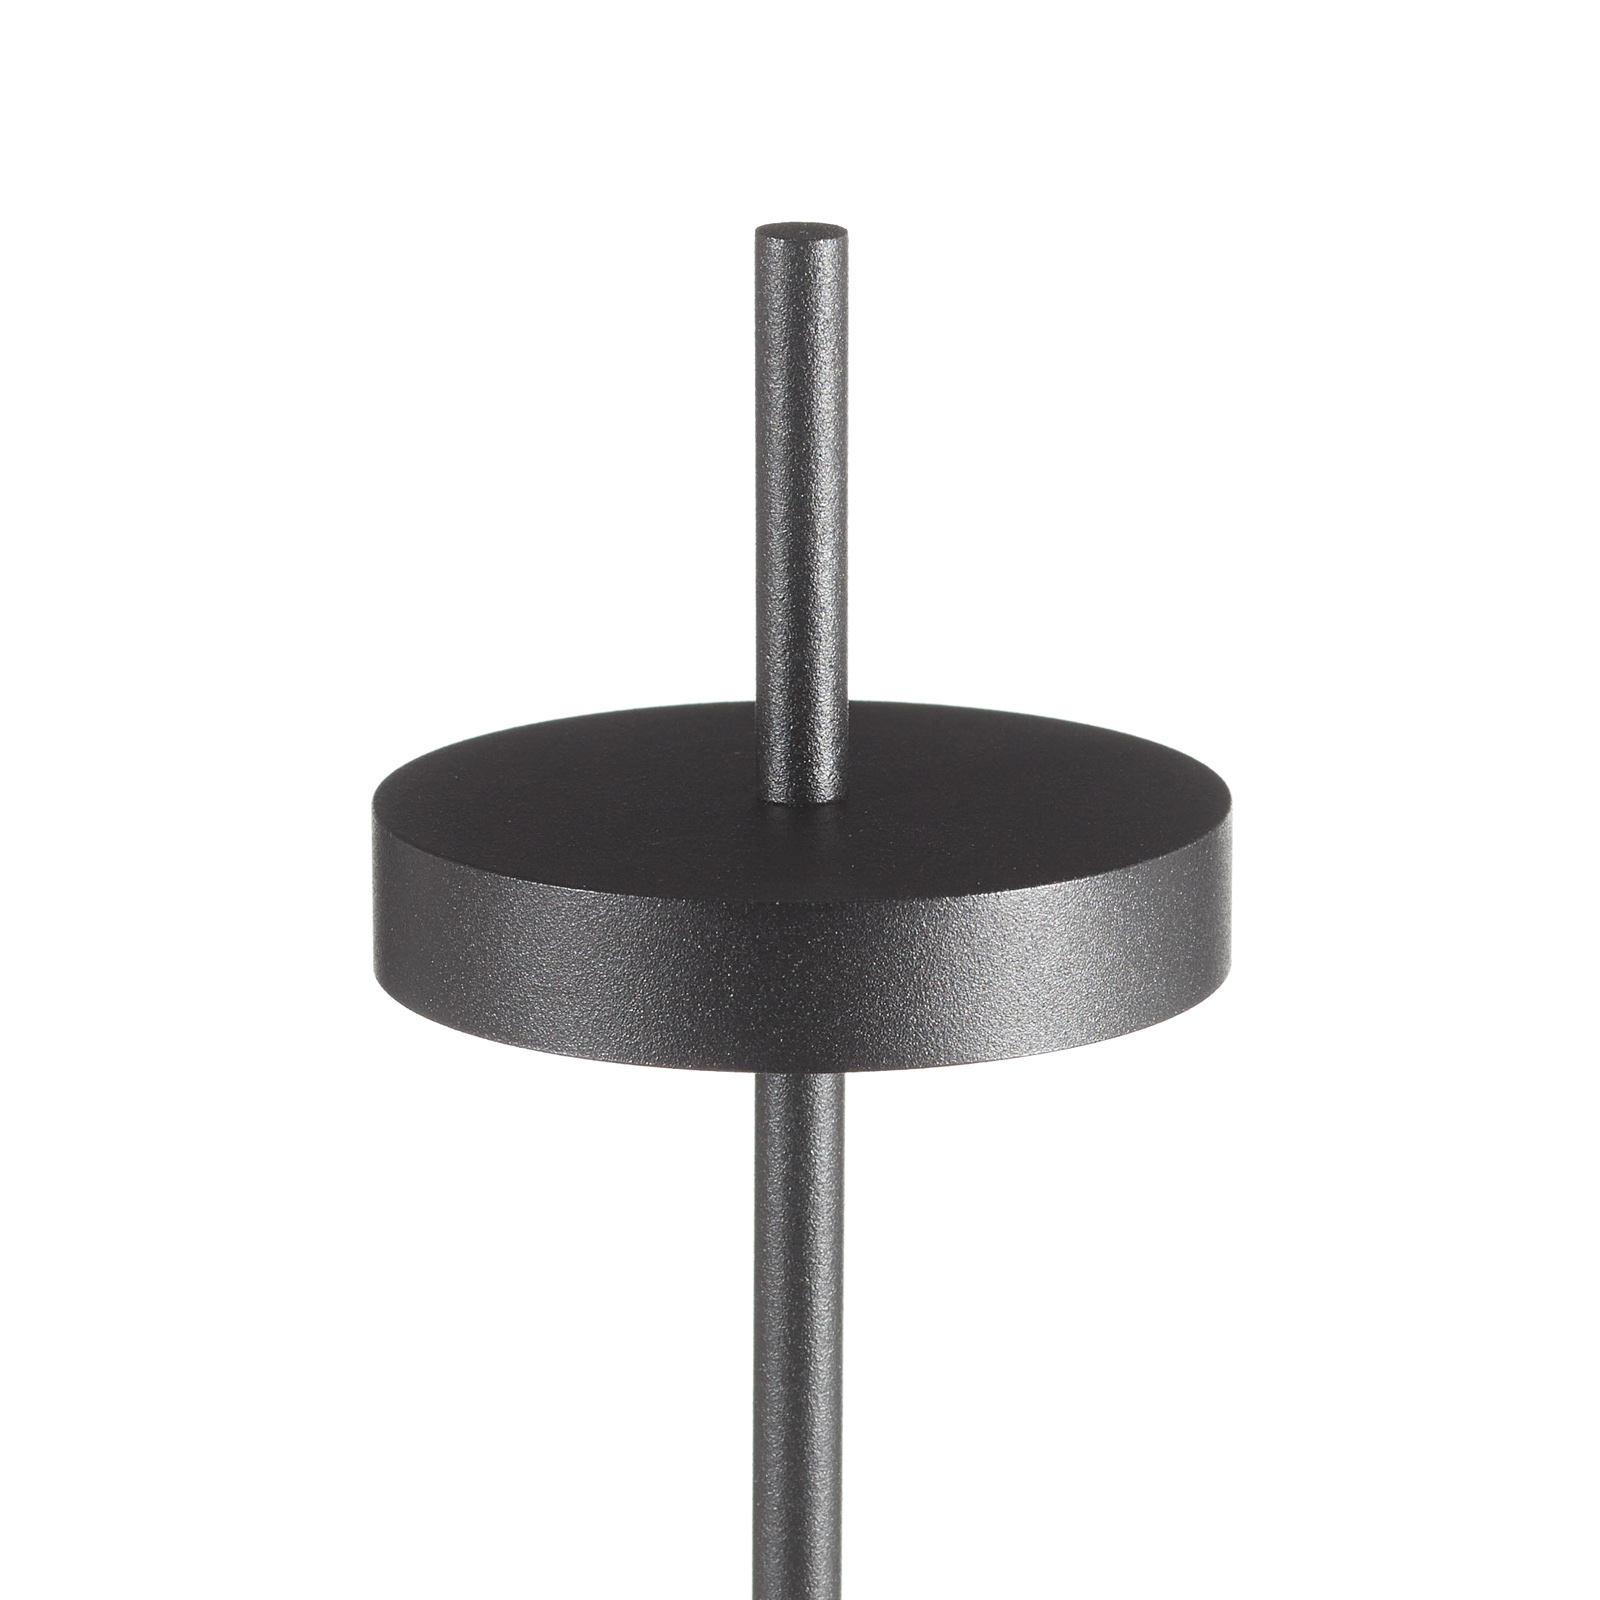 LOUM Scave LED tafellamp sensor-dim voet wit